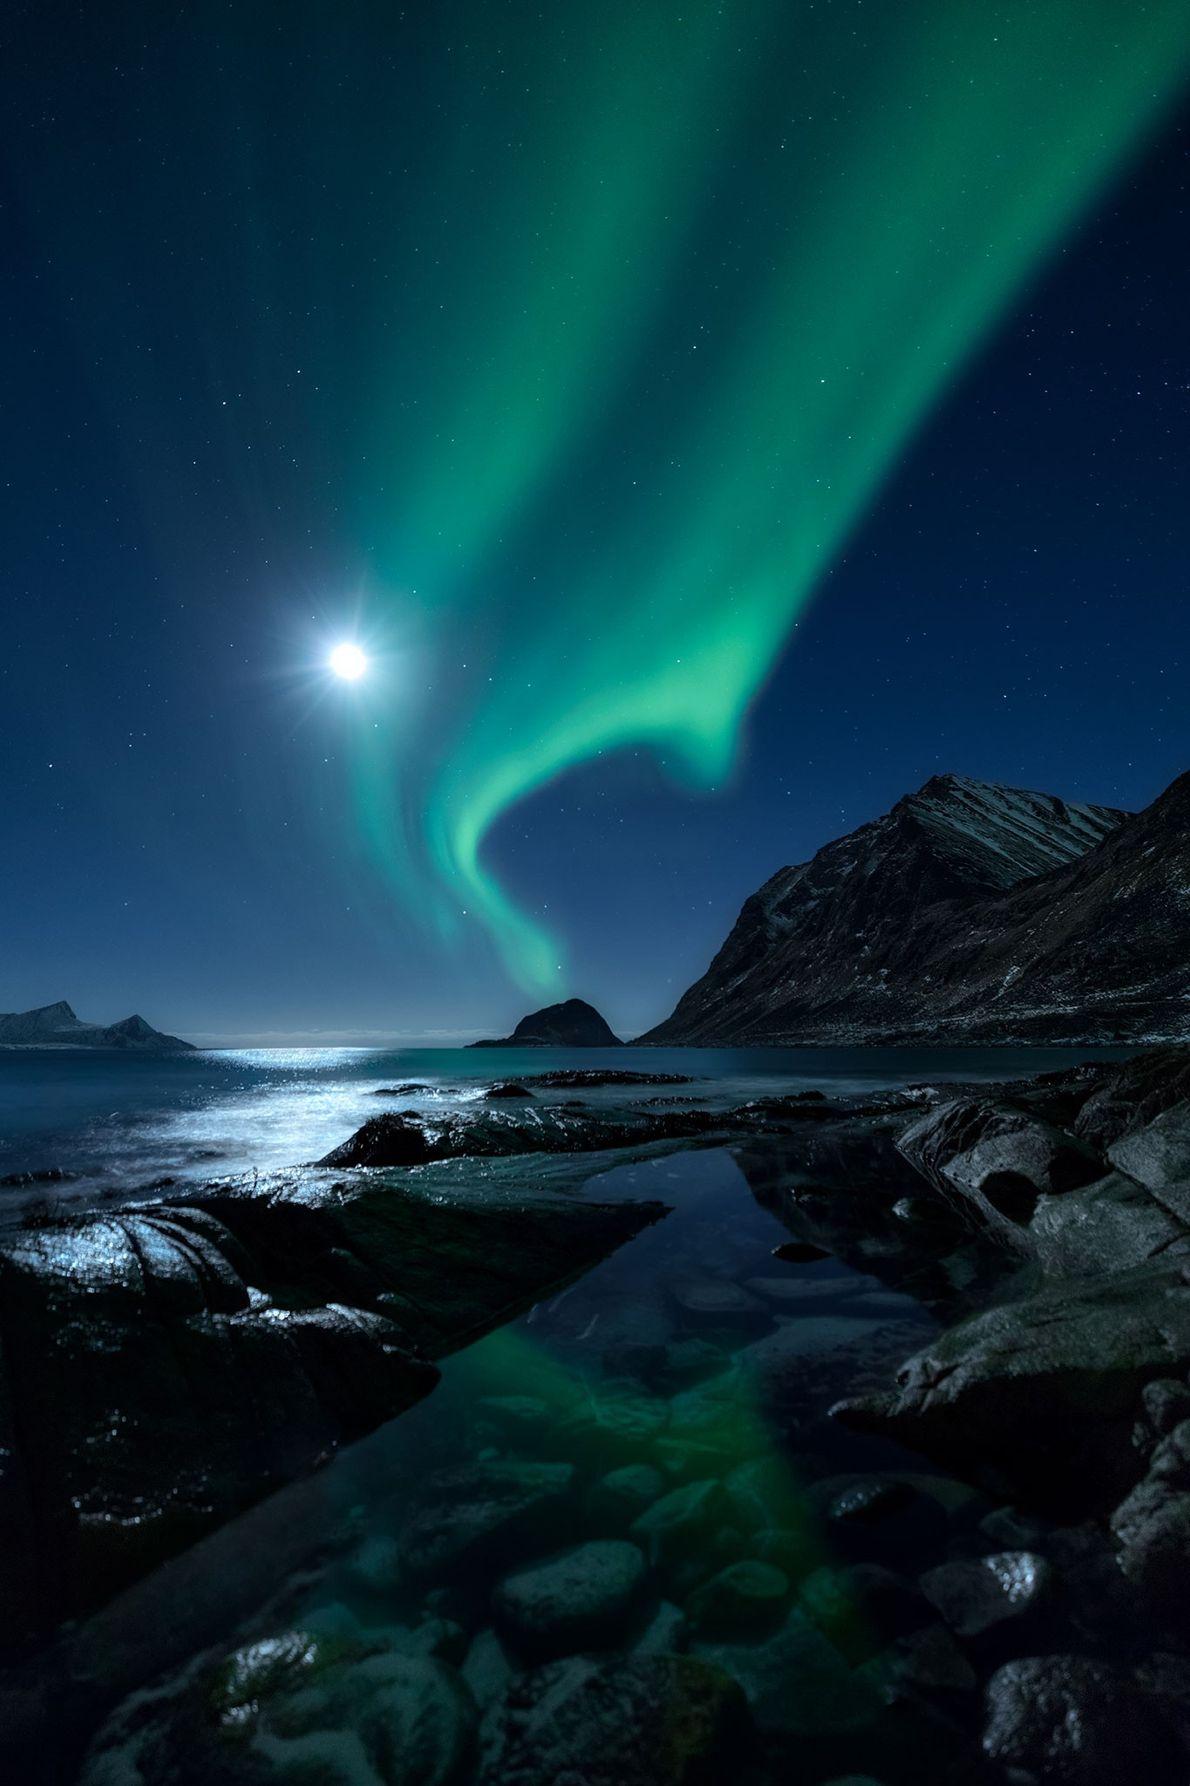 Sem ser ofuscada pela lua muito brilhante, a aurora boreal brilha sobre um fiorde no norte ...